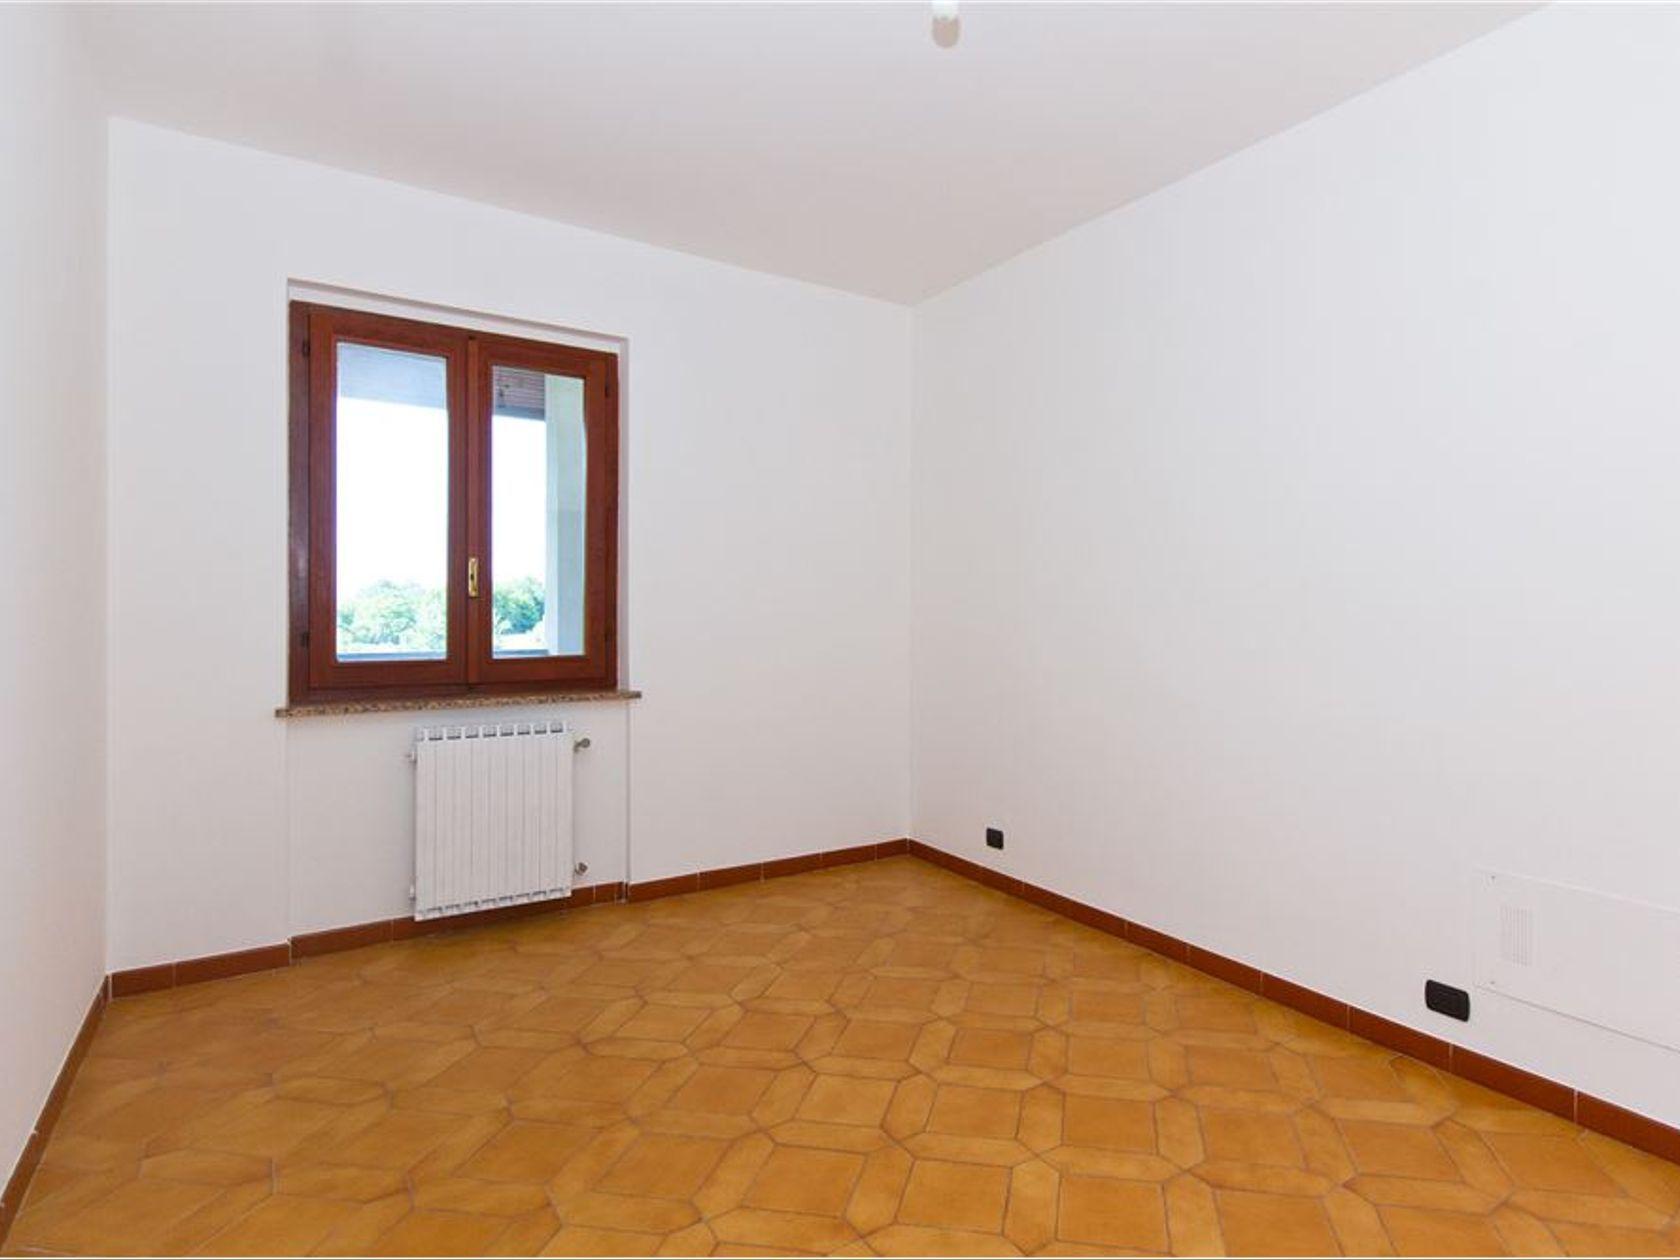 Appartamento Rosta, TO Vendita - Foto 18